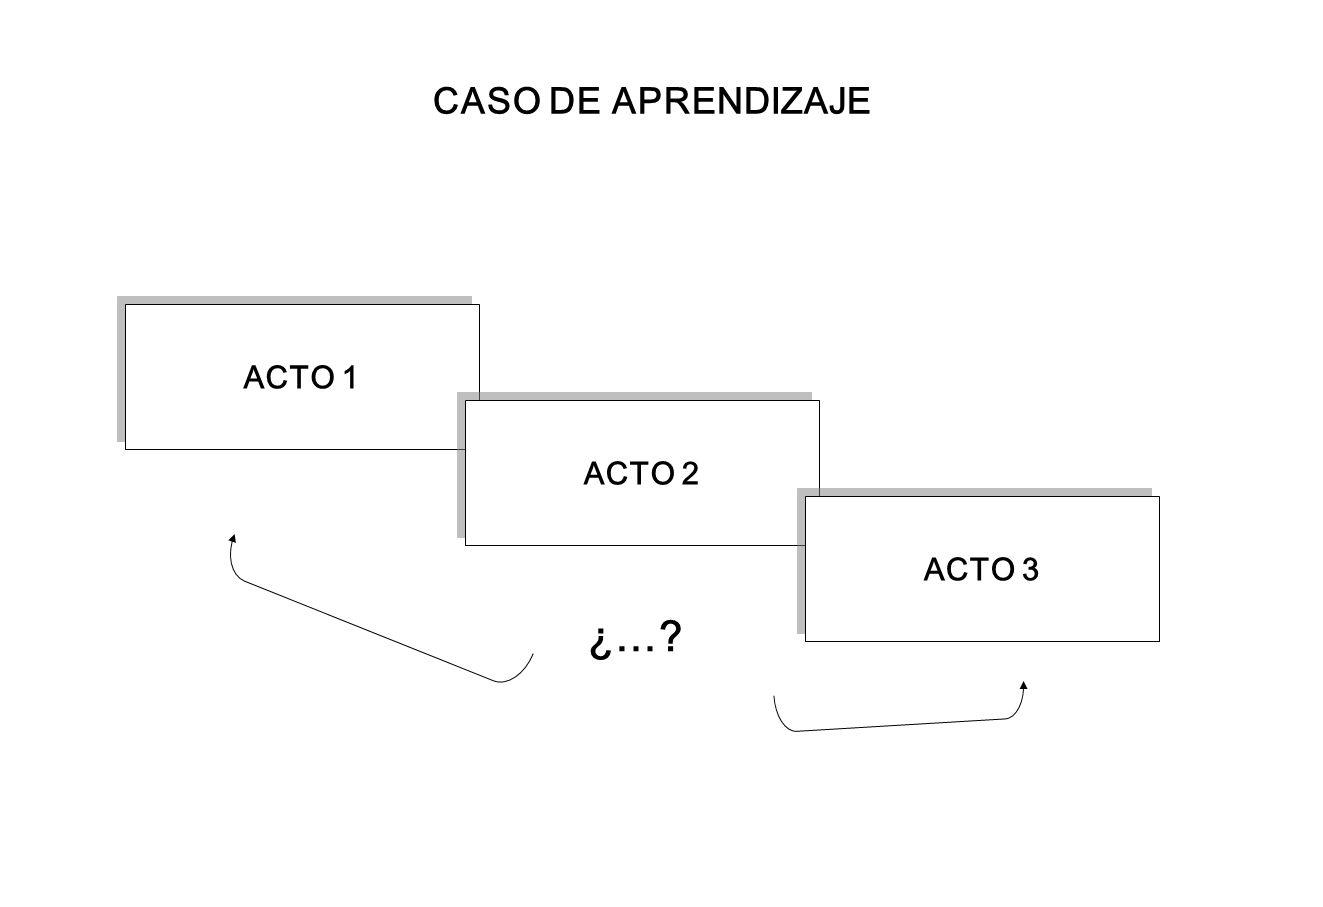 ACTO 1 ACTO 2 ACTO 3 ¿…? CASO DE APRENDIZAJE